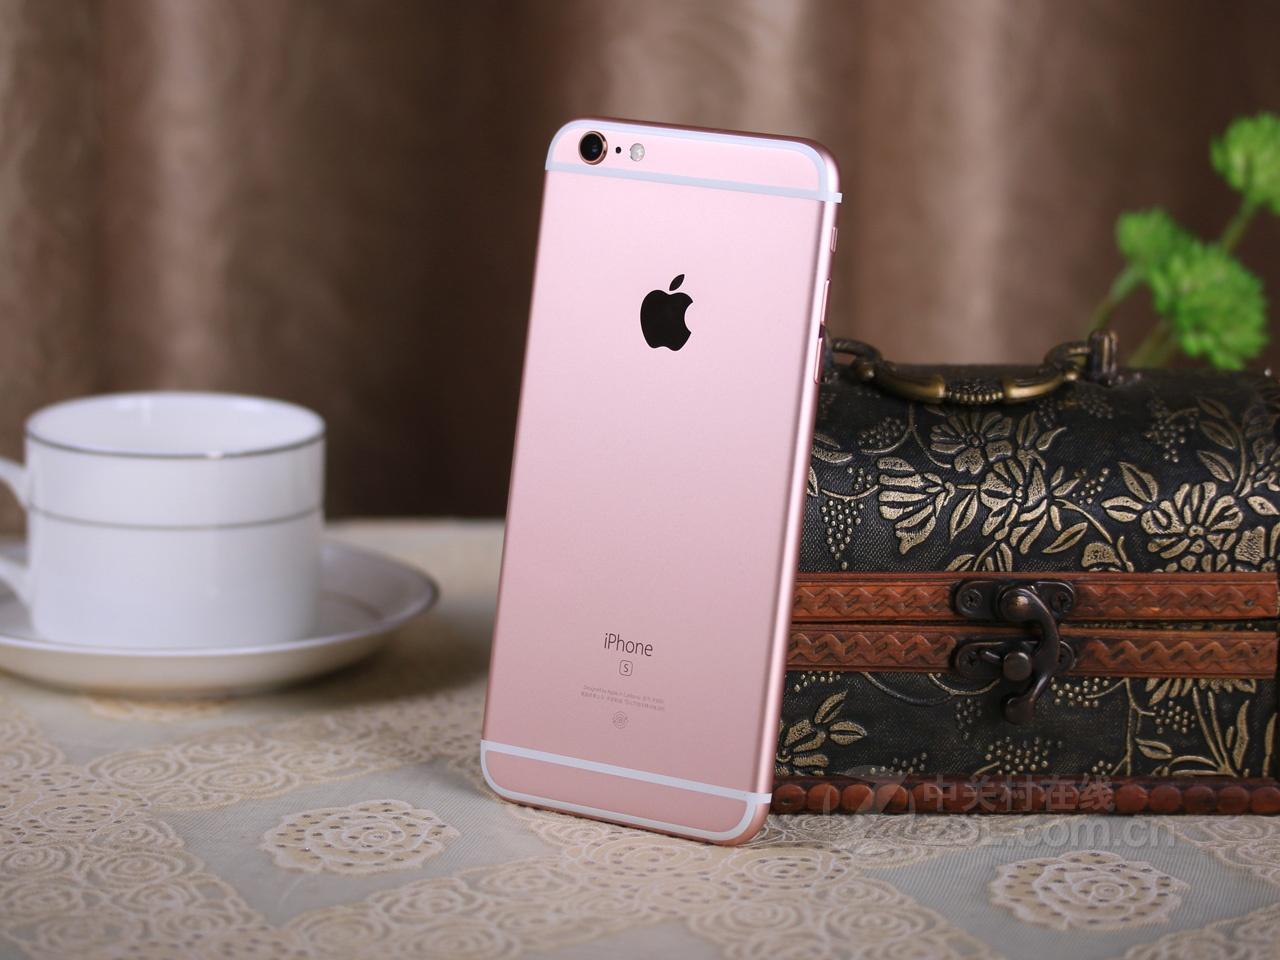 苹果iphone 6s仅售4850元  华为mate 9降至3599元